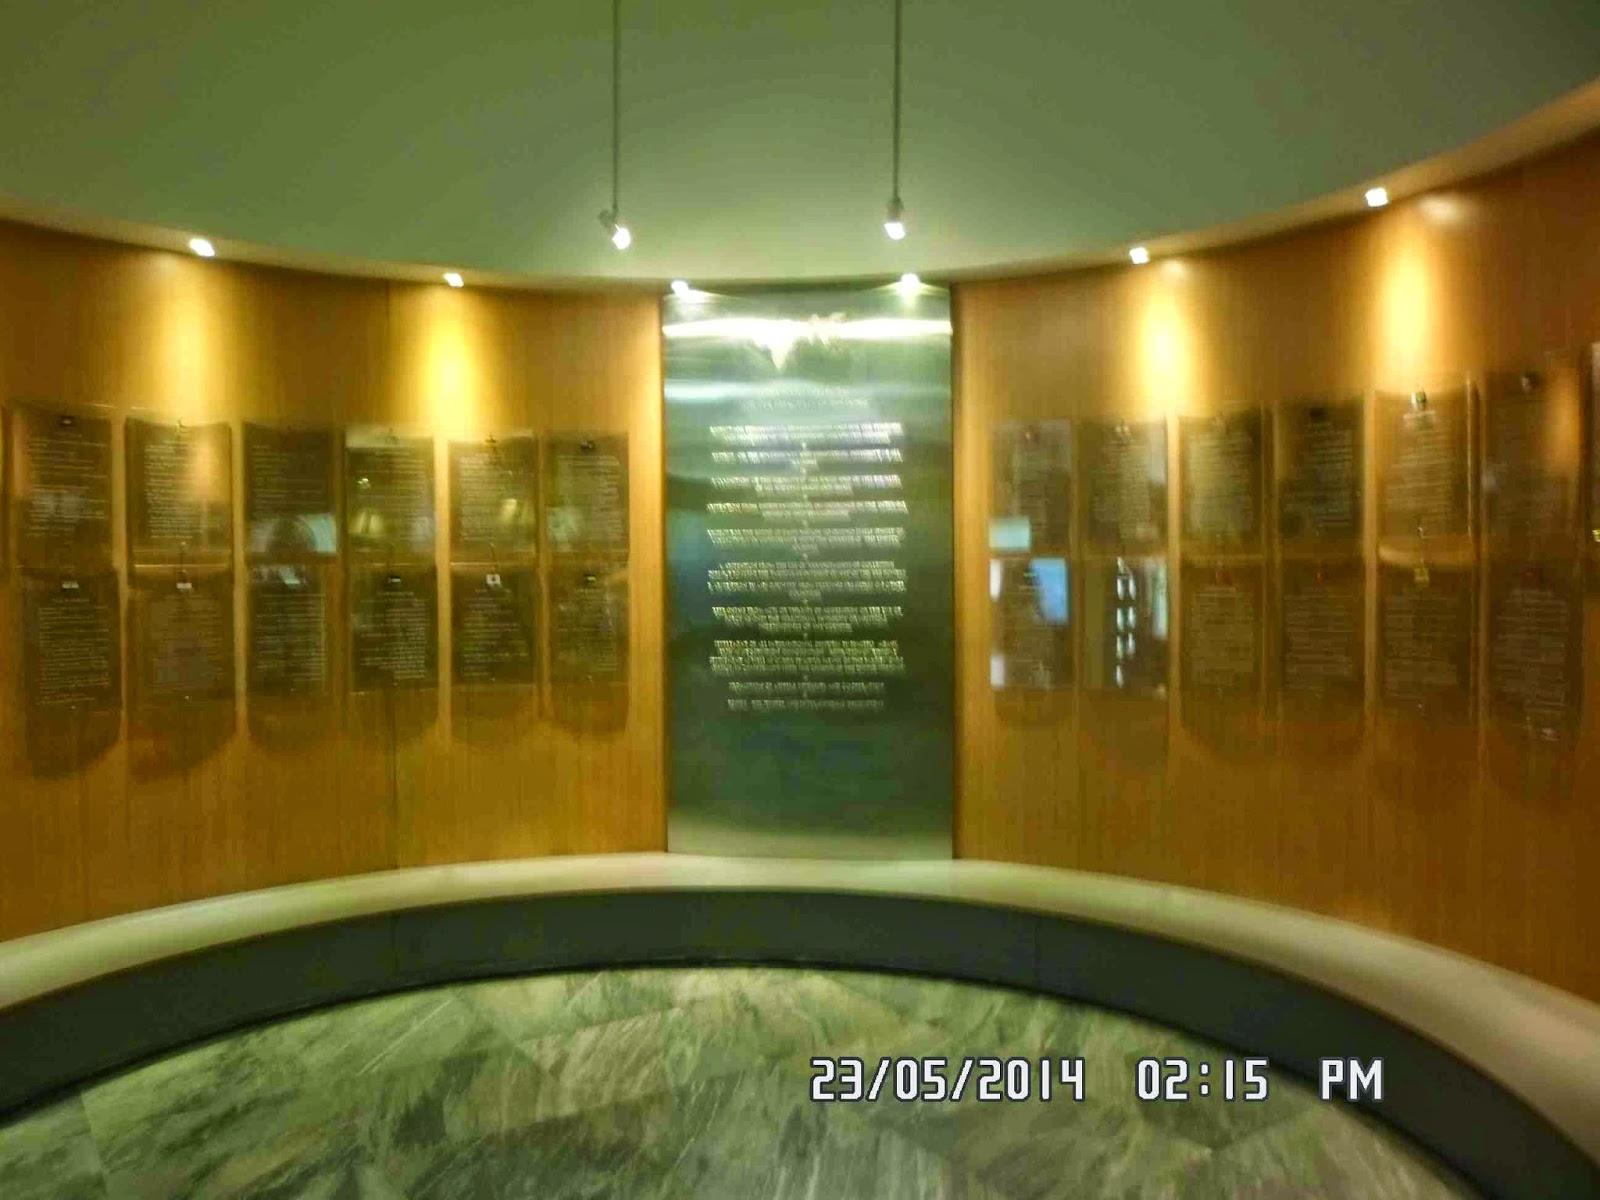 Coretan Jelajah Melangkah Ruang Nyaman April 2015 Museum Konfrensi Asia